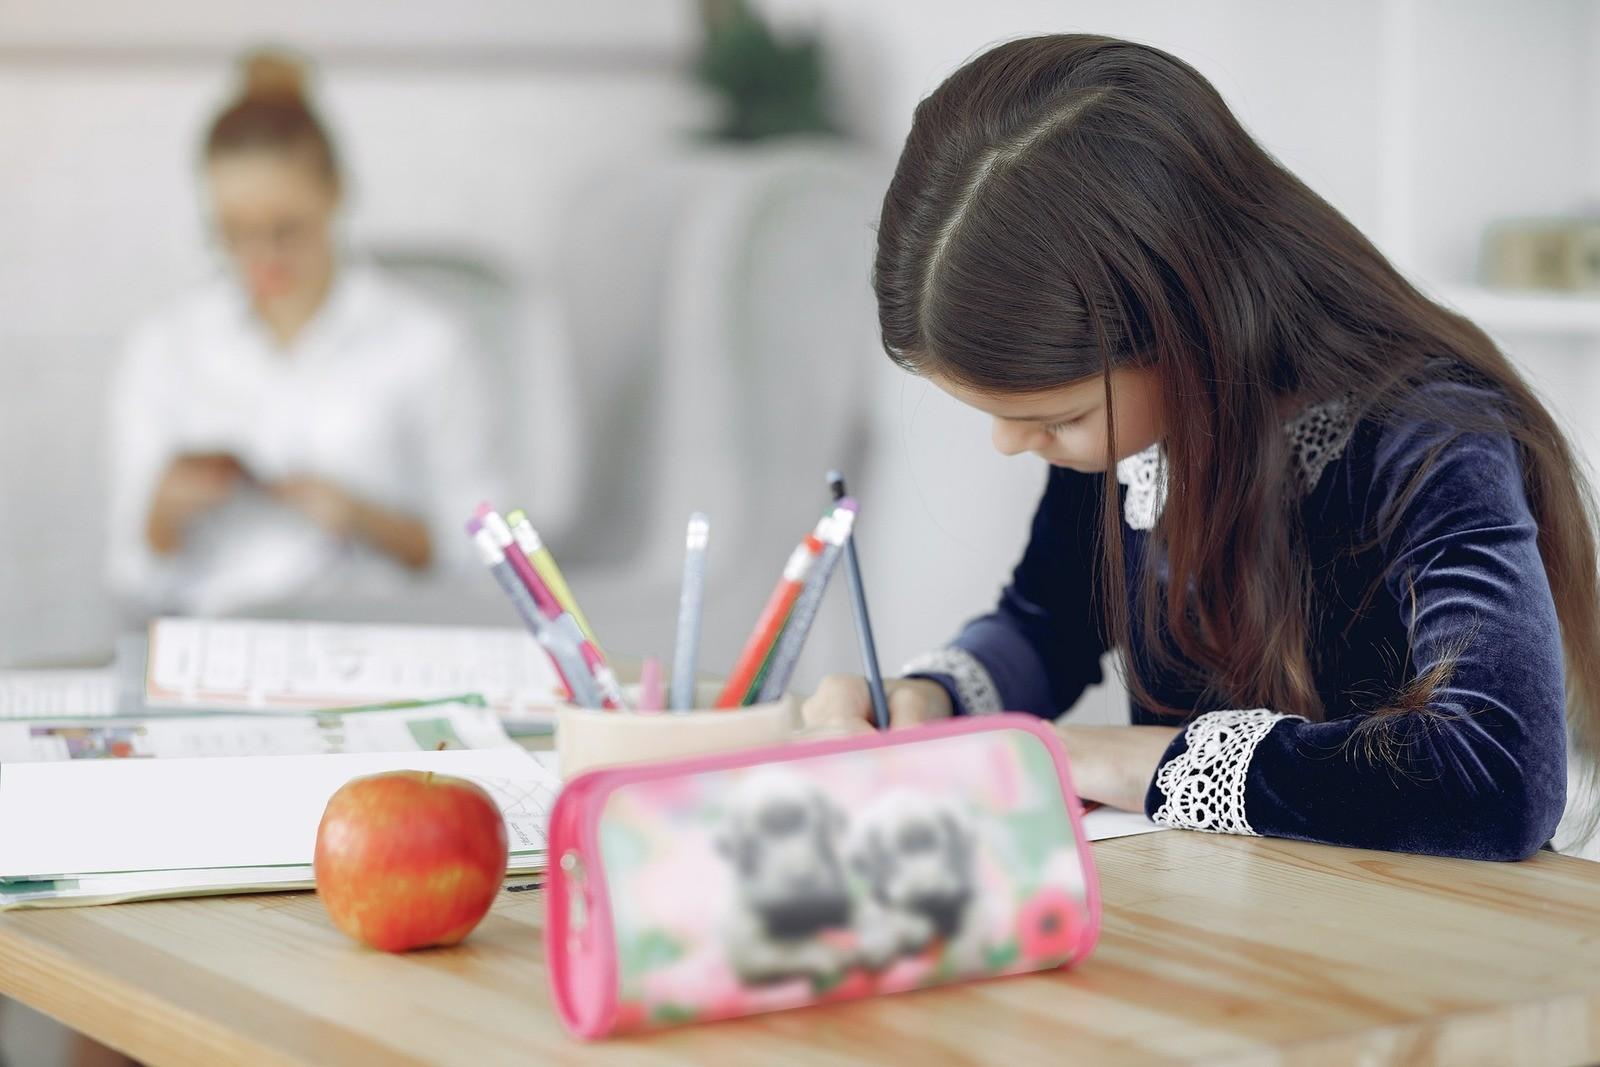 Когда Следует Обратиться В Школу По Поводу Издевательств Над Ребенком?